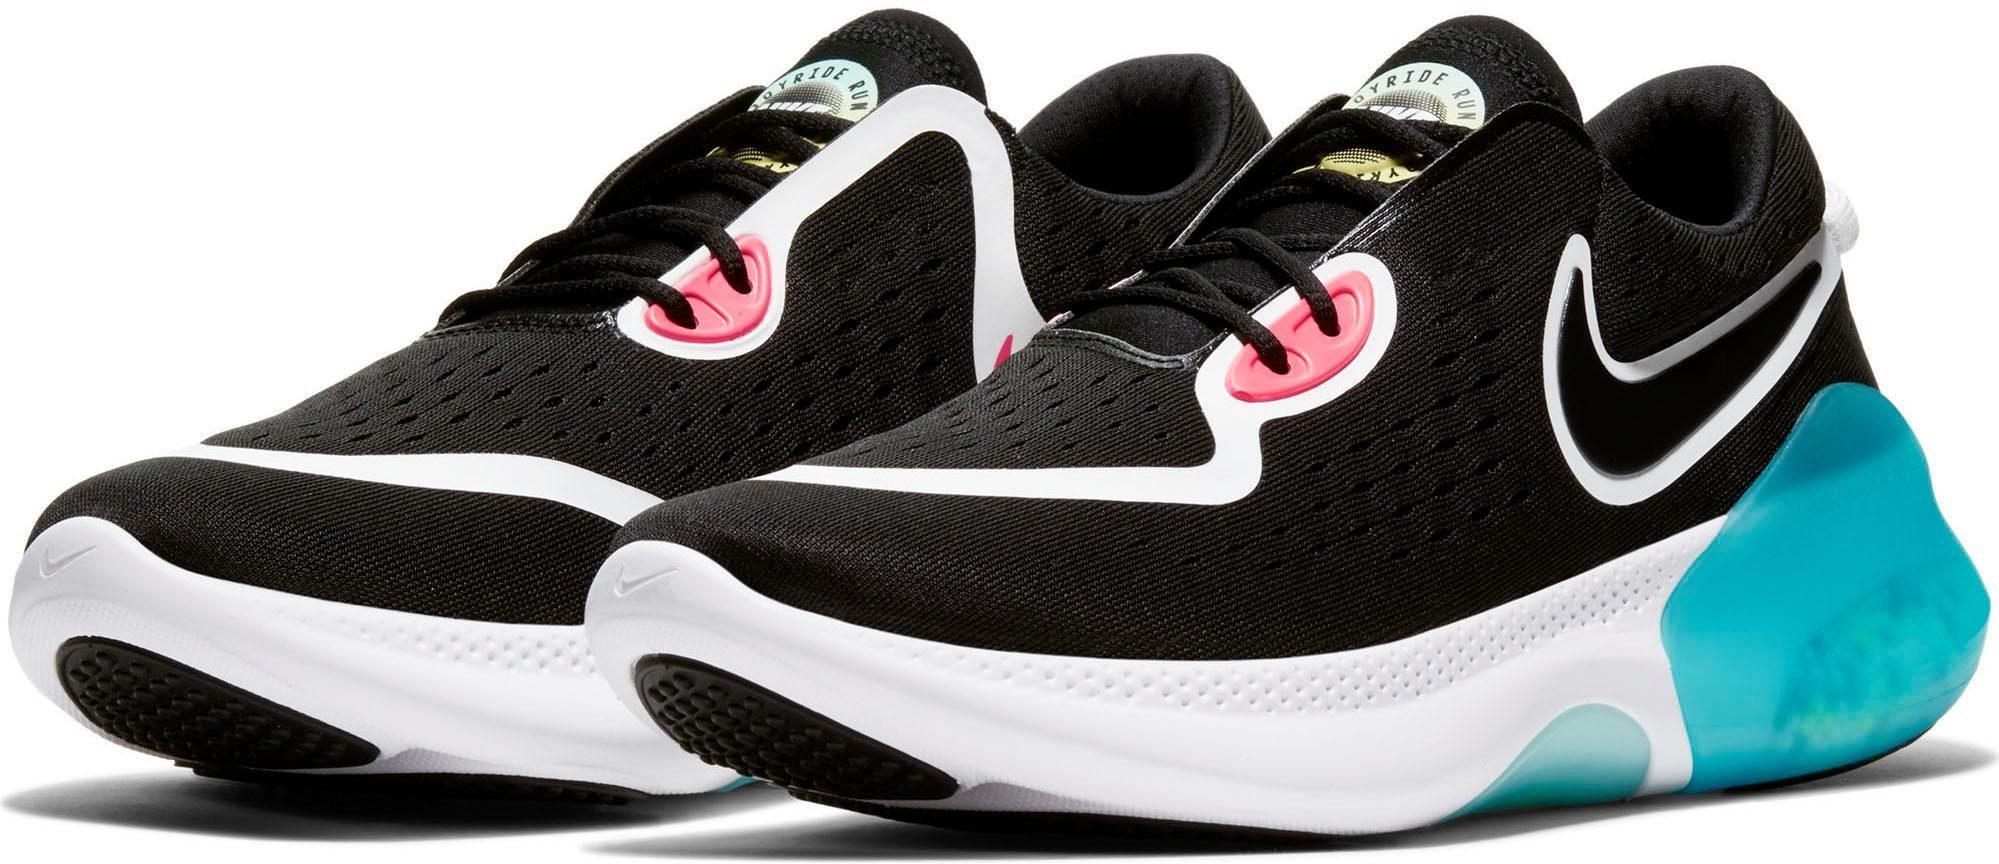 Nike »Joyride Run 2 Pod« Laufschuh, Einzigartiger Laufschuh von Nike online kaufen | OTTO